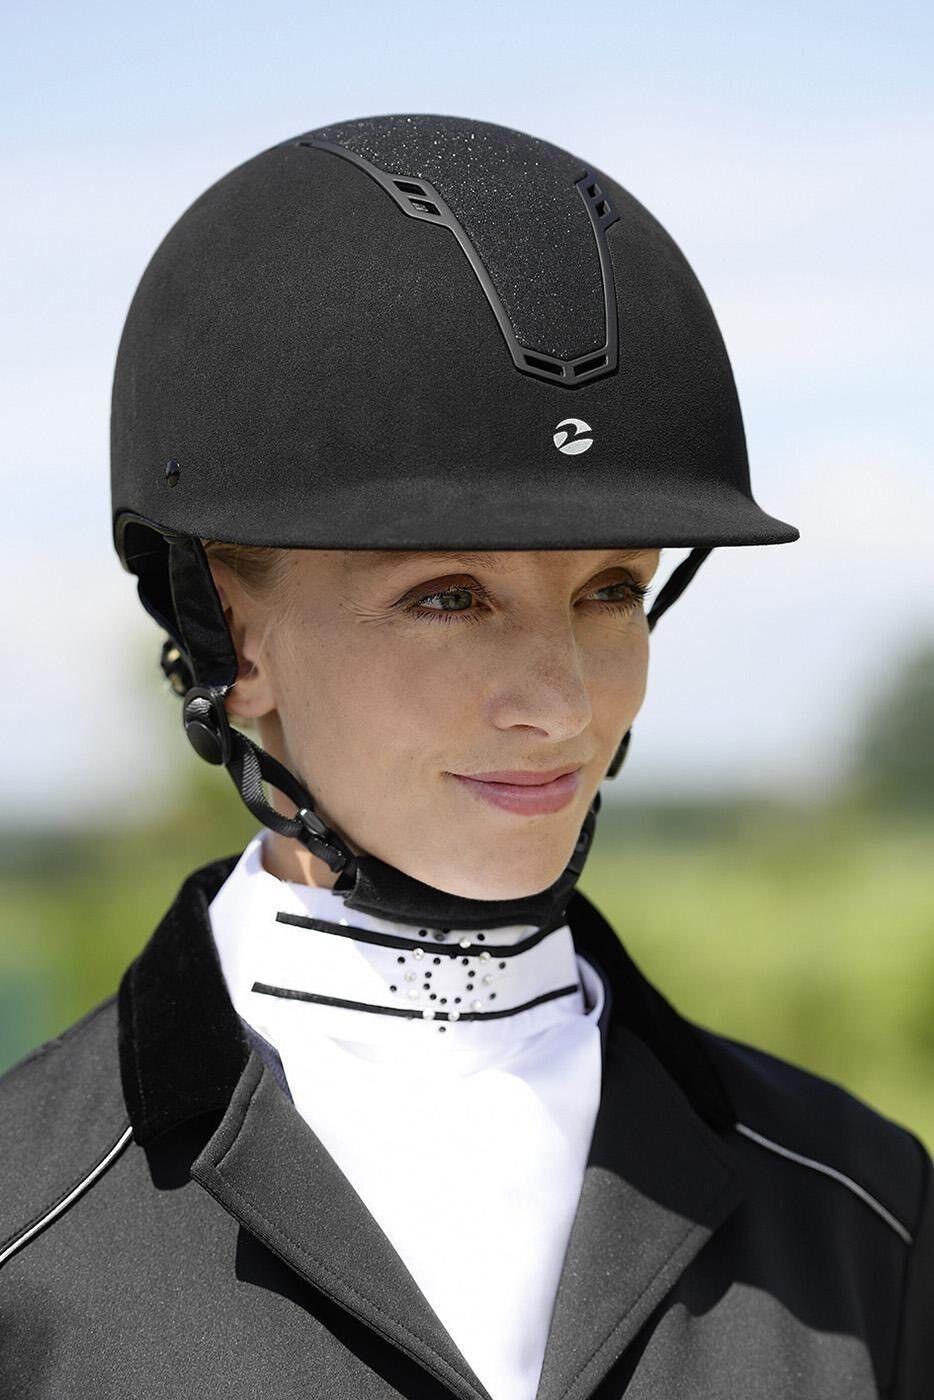 Reithelm Cobara BUSSE Glitzer Sicherheitsreithelm Helm alle Größen schwarz navy  | Schön und charmant  | Stil  | Verschiedene Stile und Stile